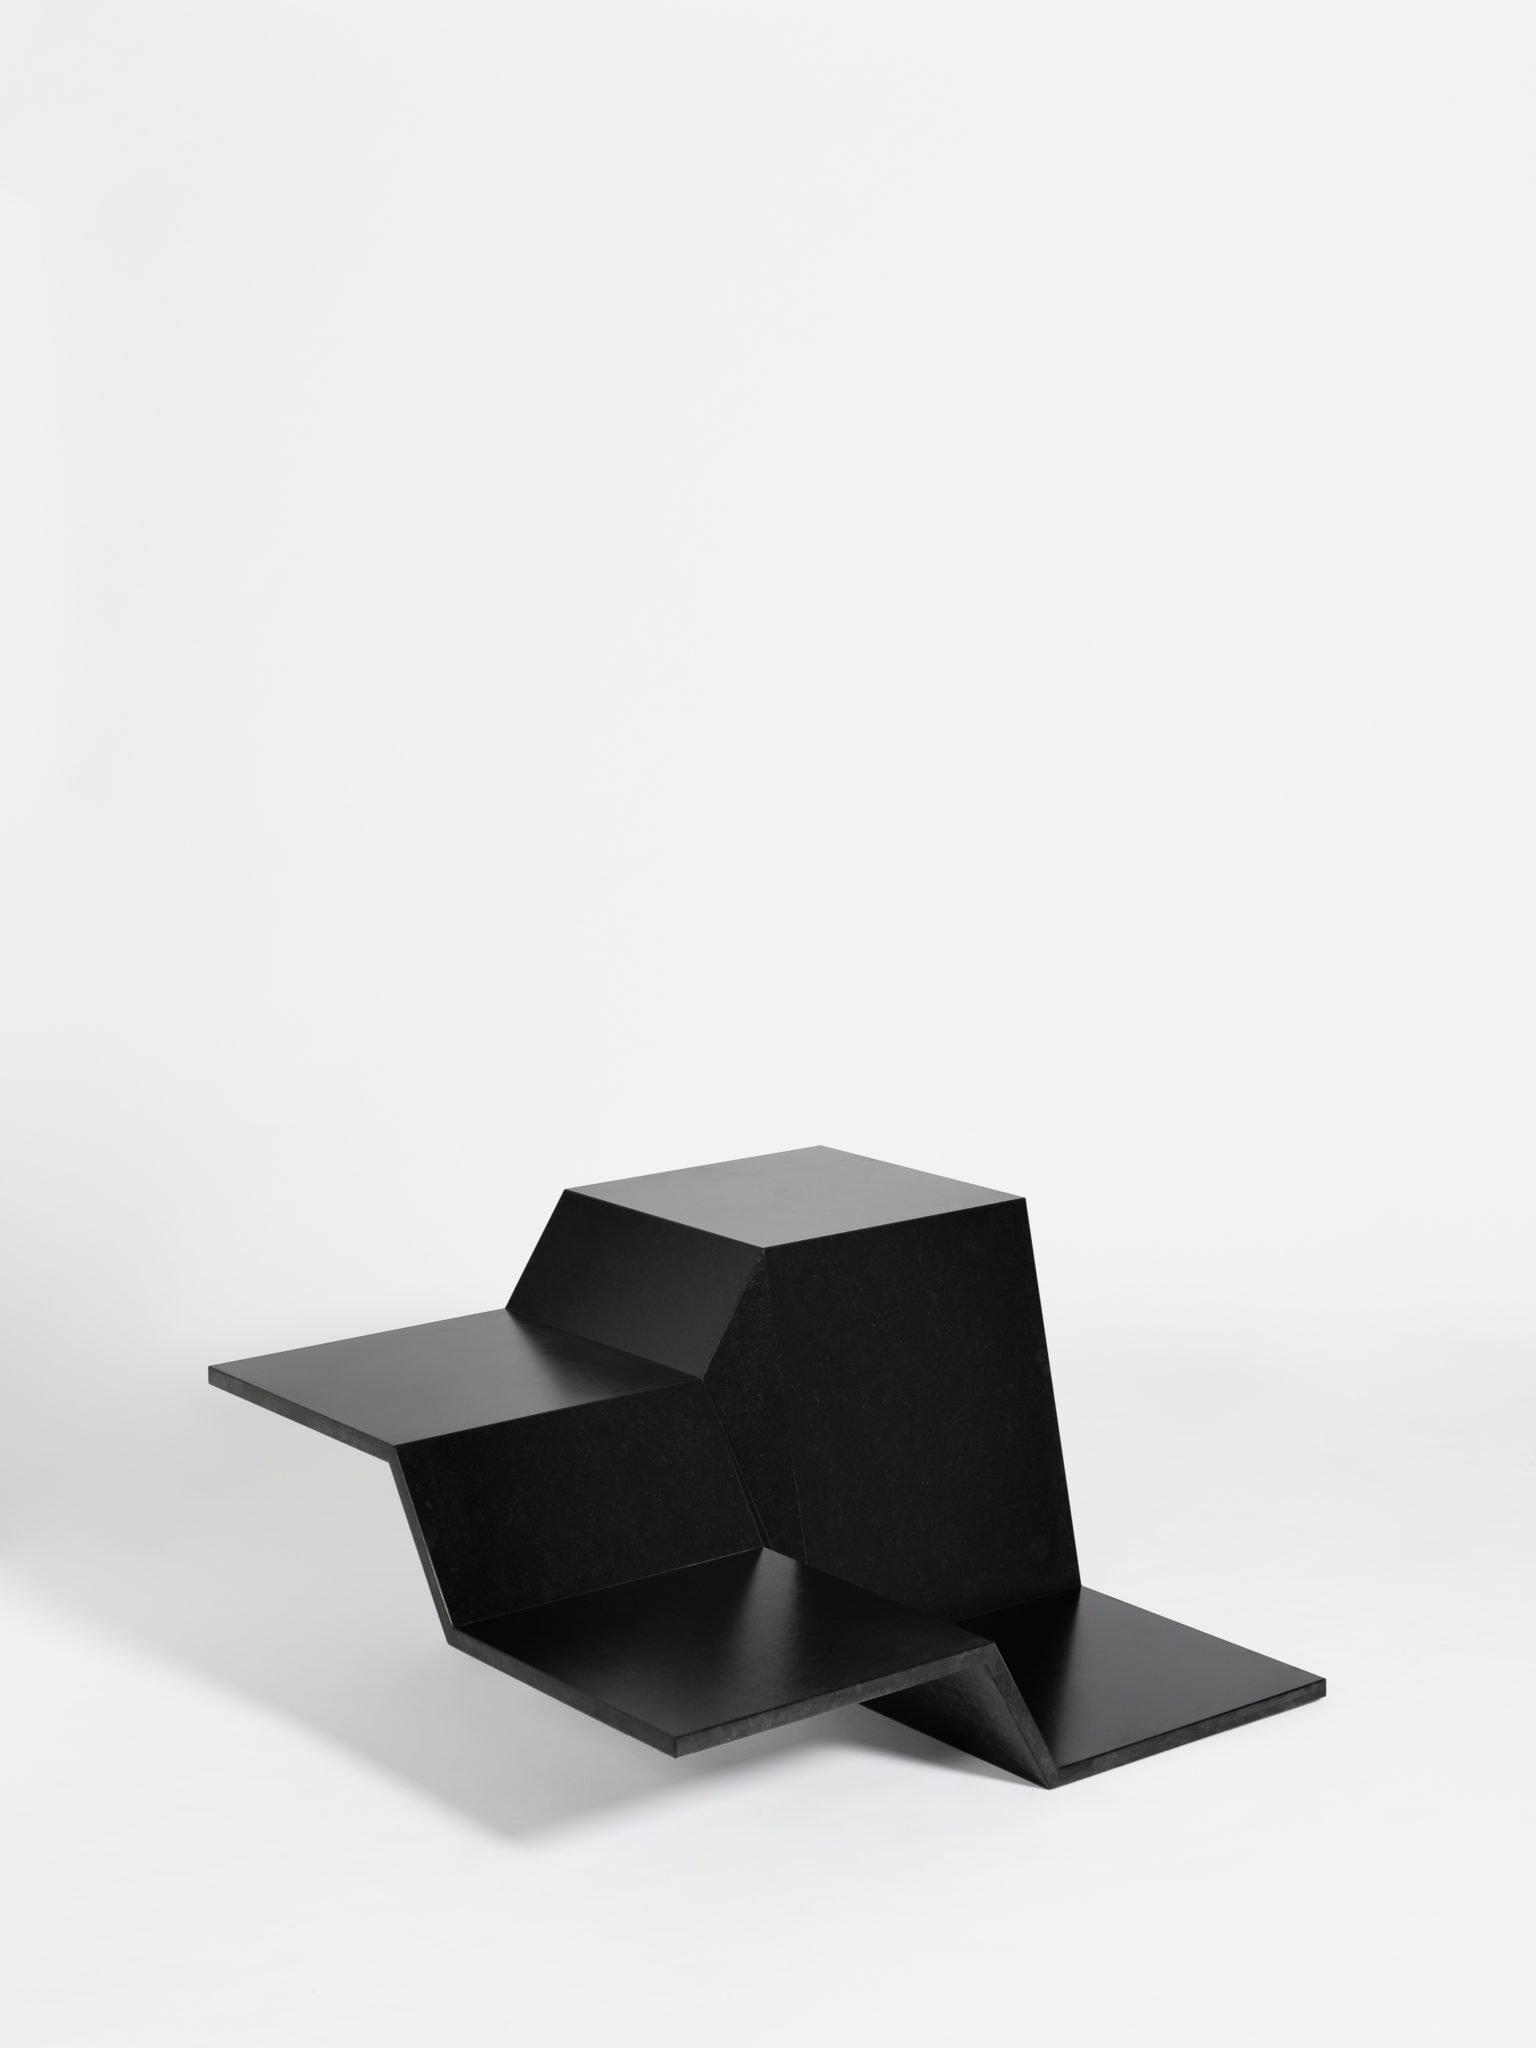 Maison et Objet 2020, Techxture, black marble coffee table